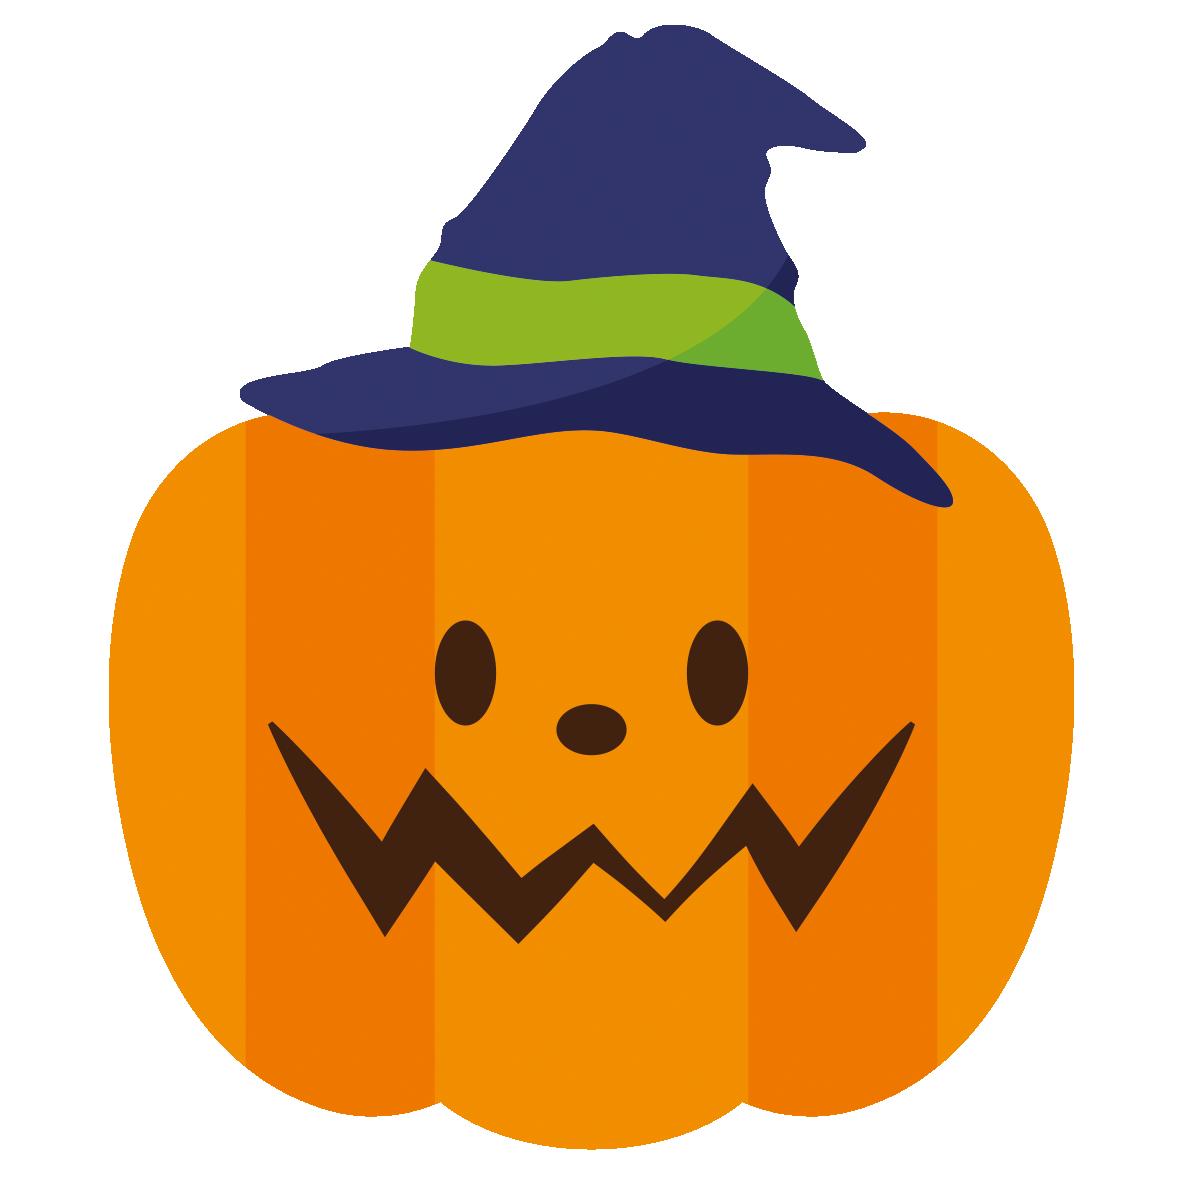 かぼちゃ」のイラスト一覧 - 無料イラスト愛